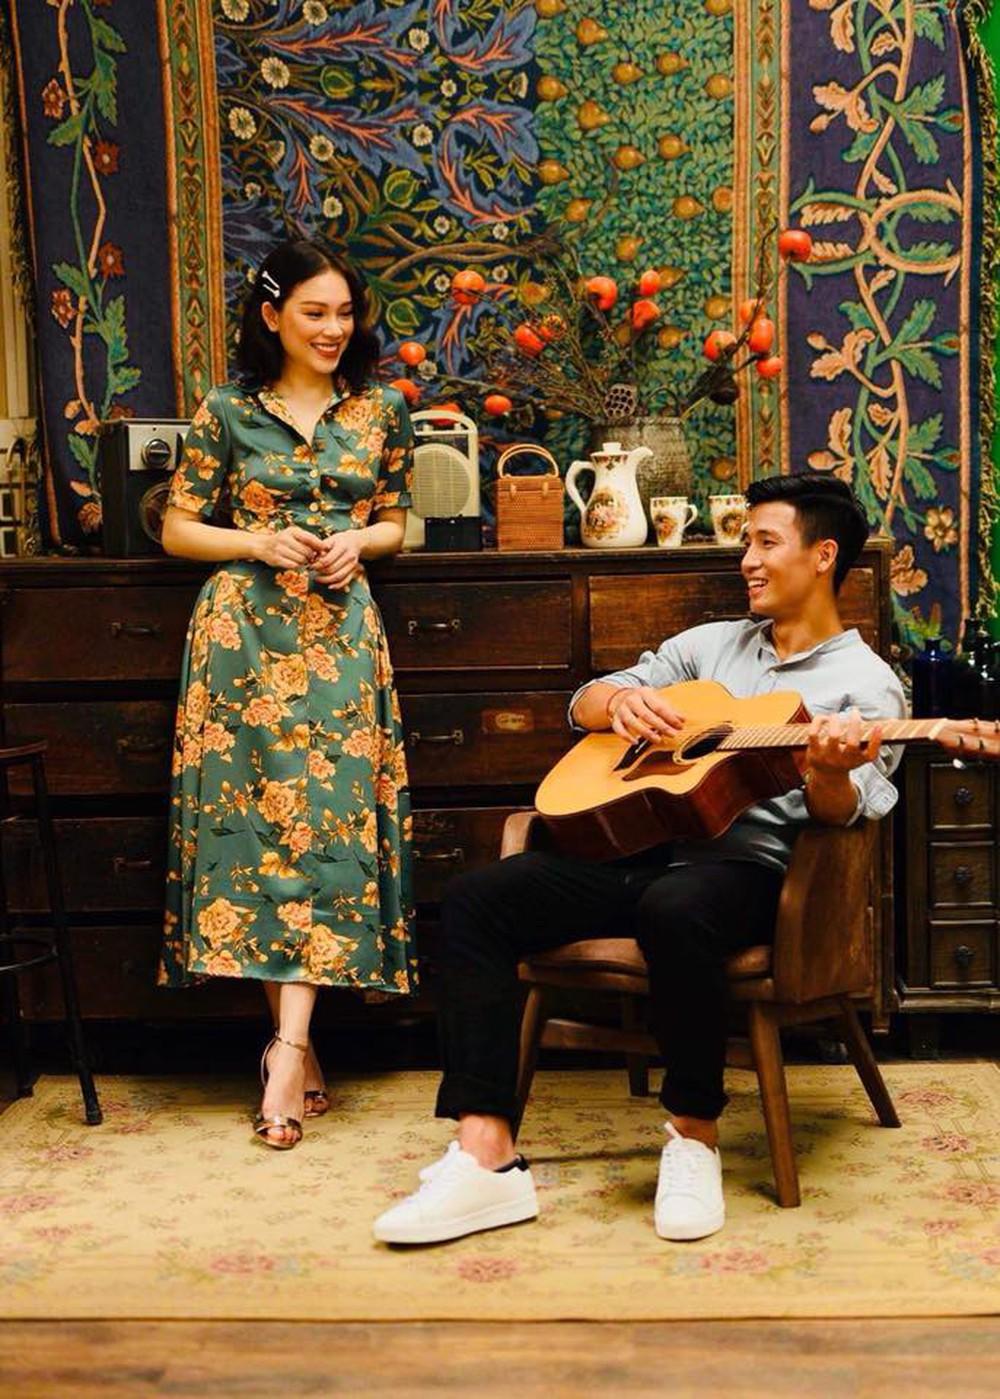 Chú bộ đội Tư Dũng ôm guitar và hát trong bộ ảnh mang phong cách vintage cực ngọt ngào - Ảnh 5.